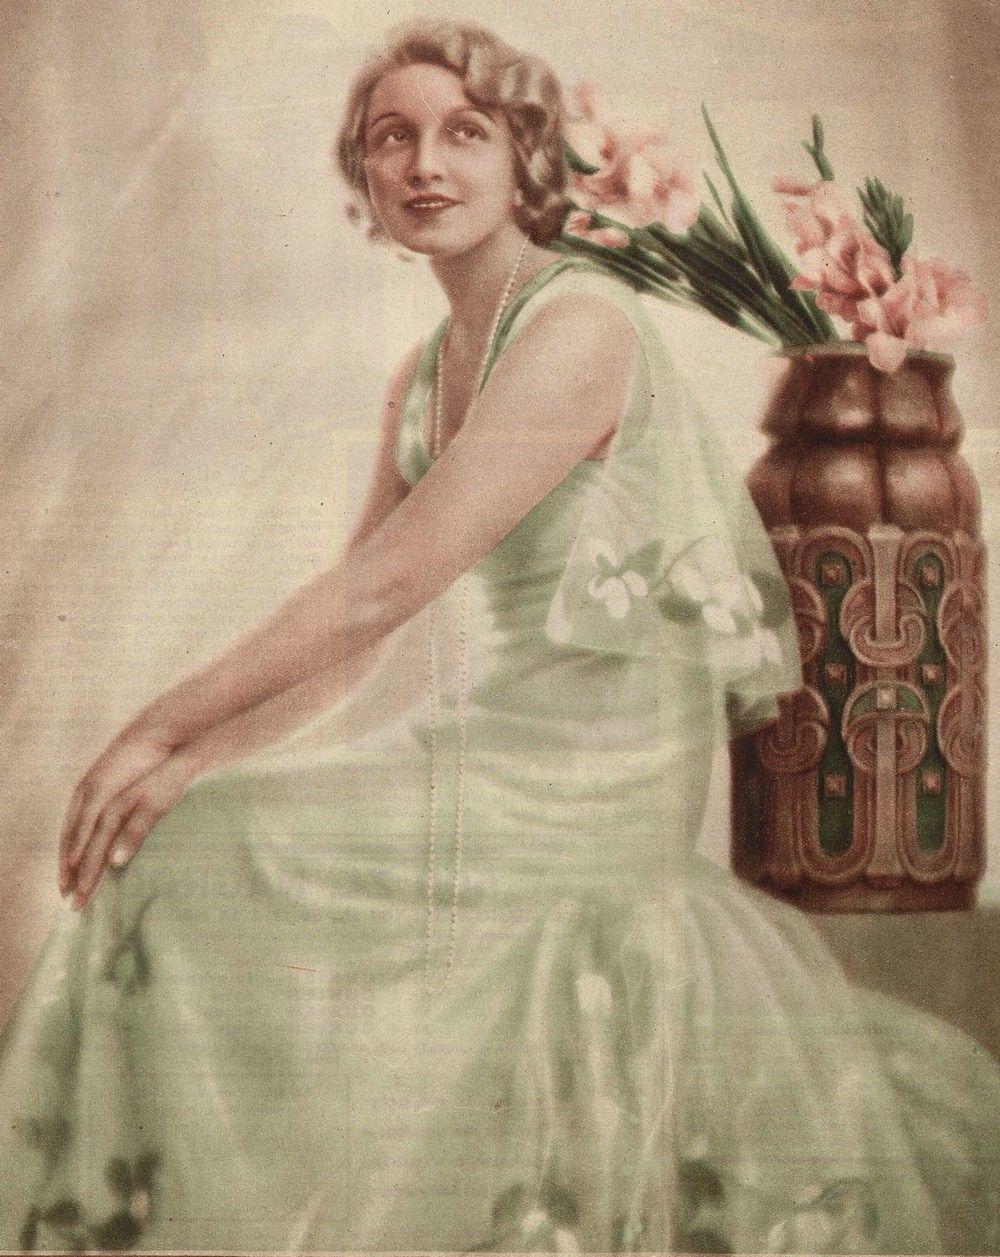 Pierwszą ambasadorką kosmetyków doktora Lustra była sama Ordonka (źródło: domena publiczna).